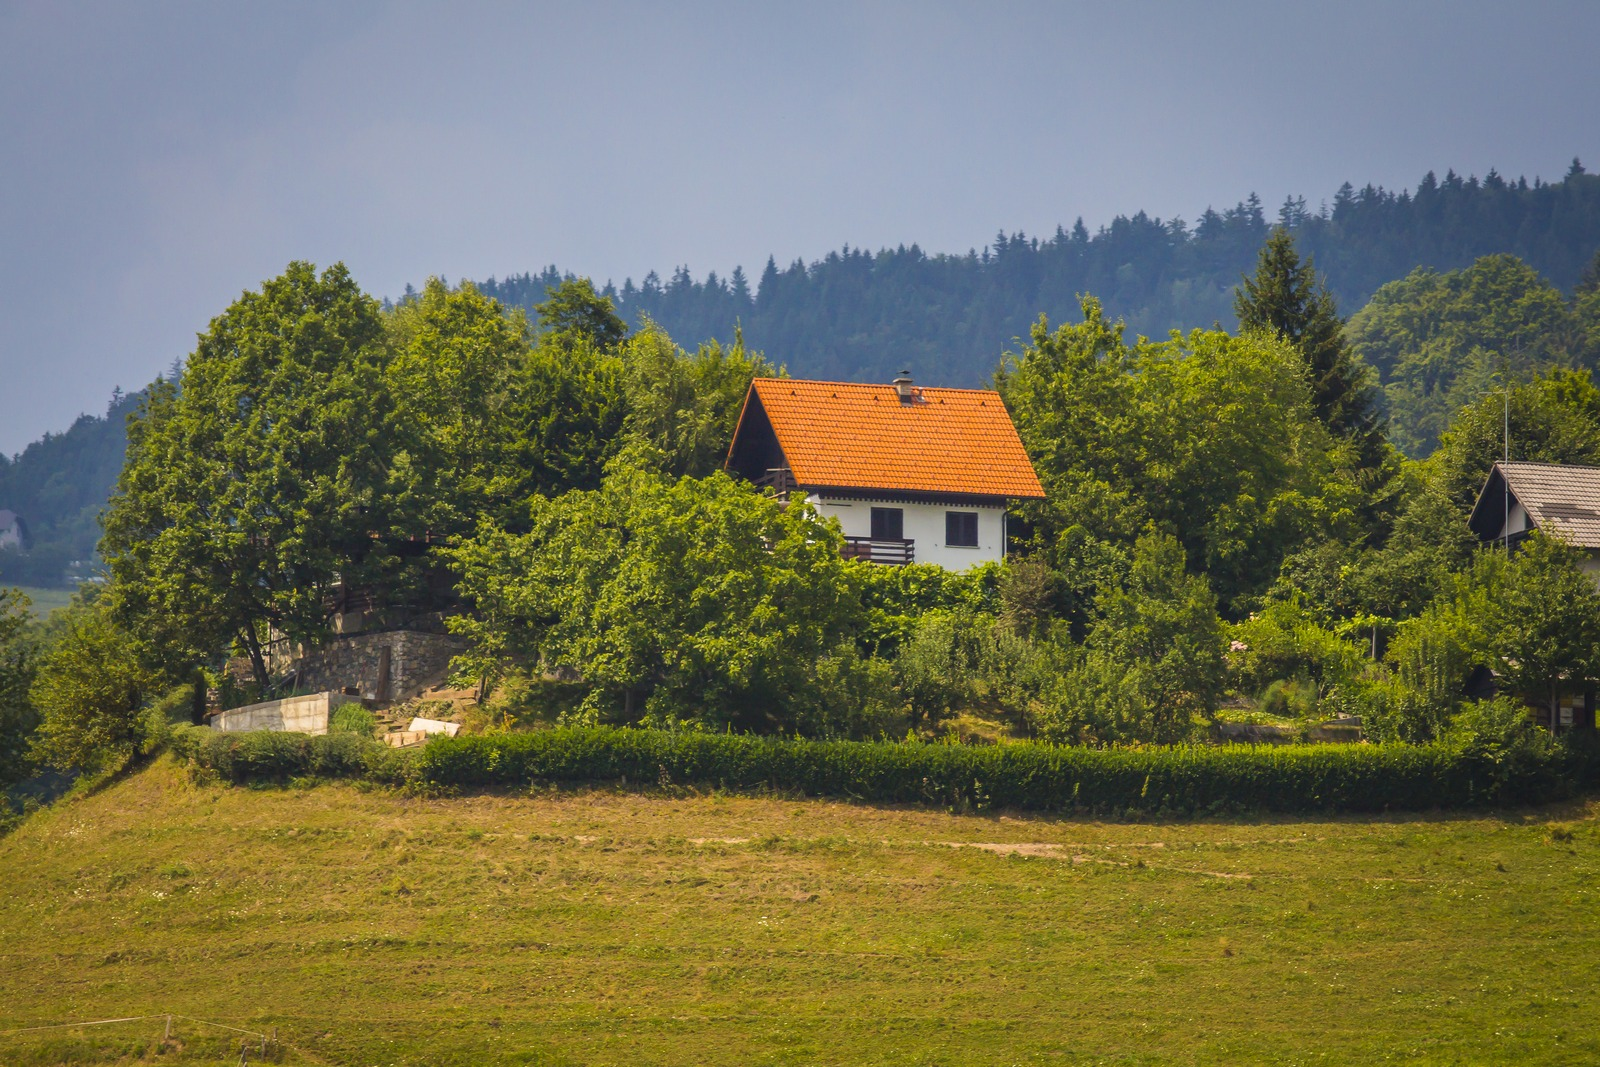 Словения. Домики Европы прекрасны.